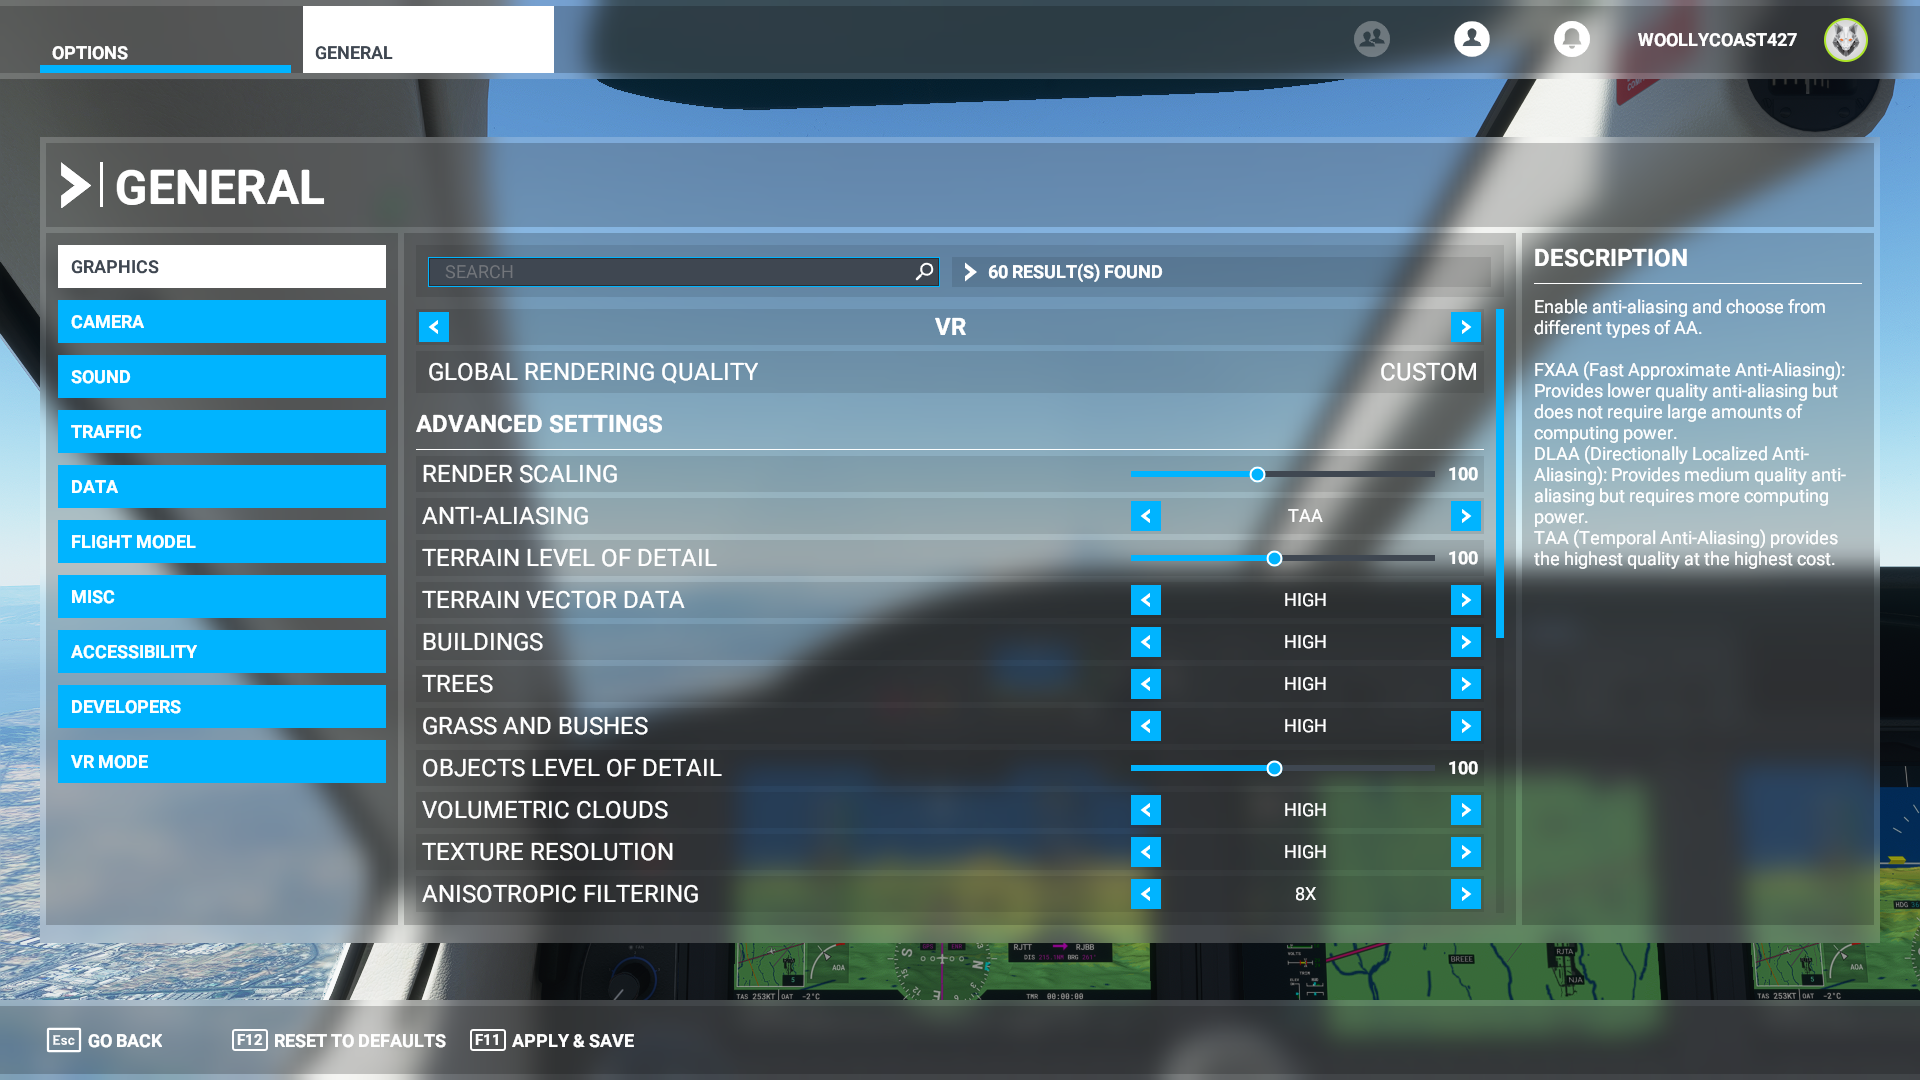 Microsoft Flight Simulatorのグラフィック設定。レンダリング解像度は100%(2,016×2,240ドット)で、その他の設定は通常モードのプリセット「HIGH-END」に準じた設定を適用している。